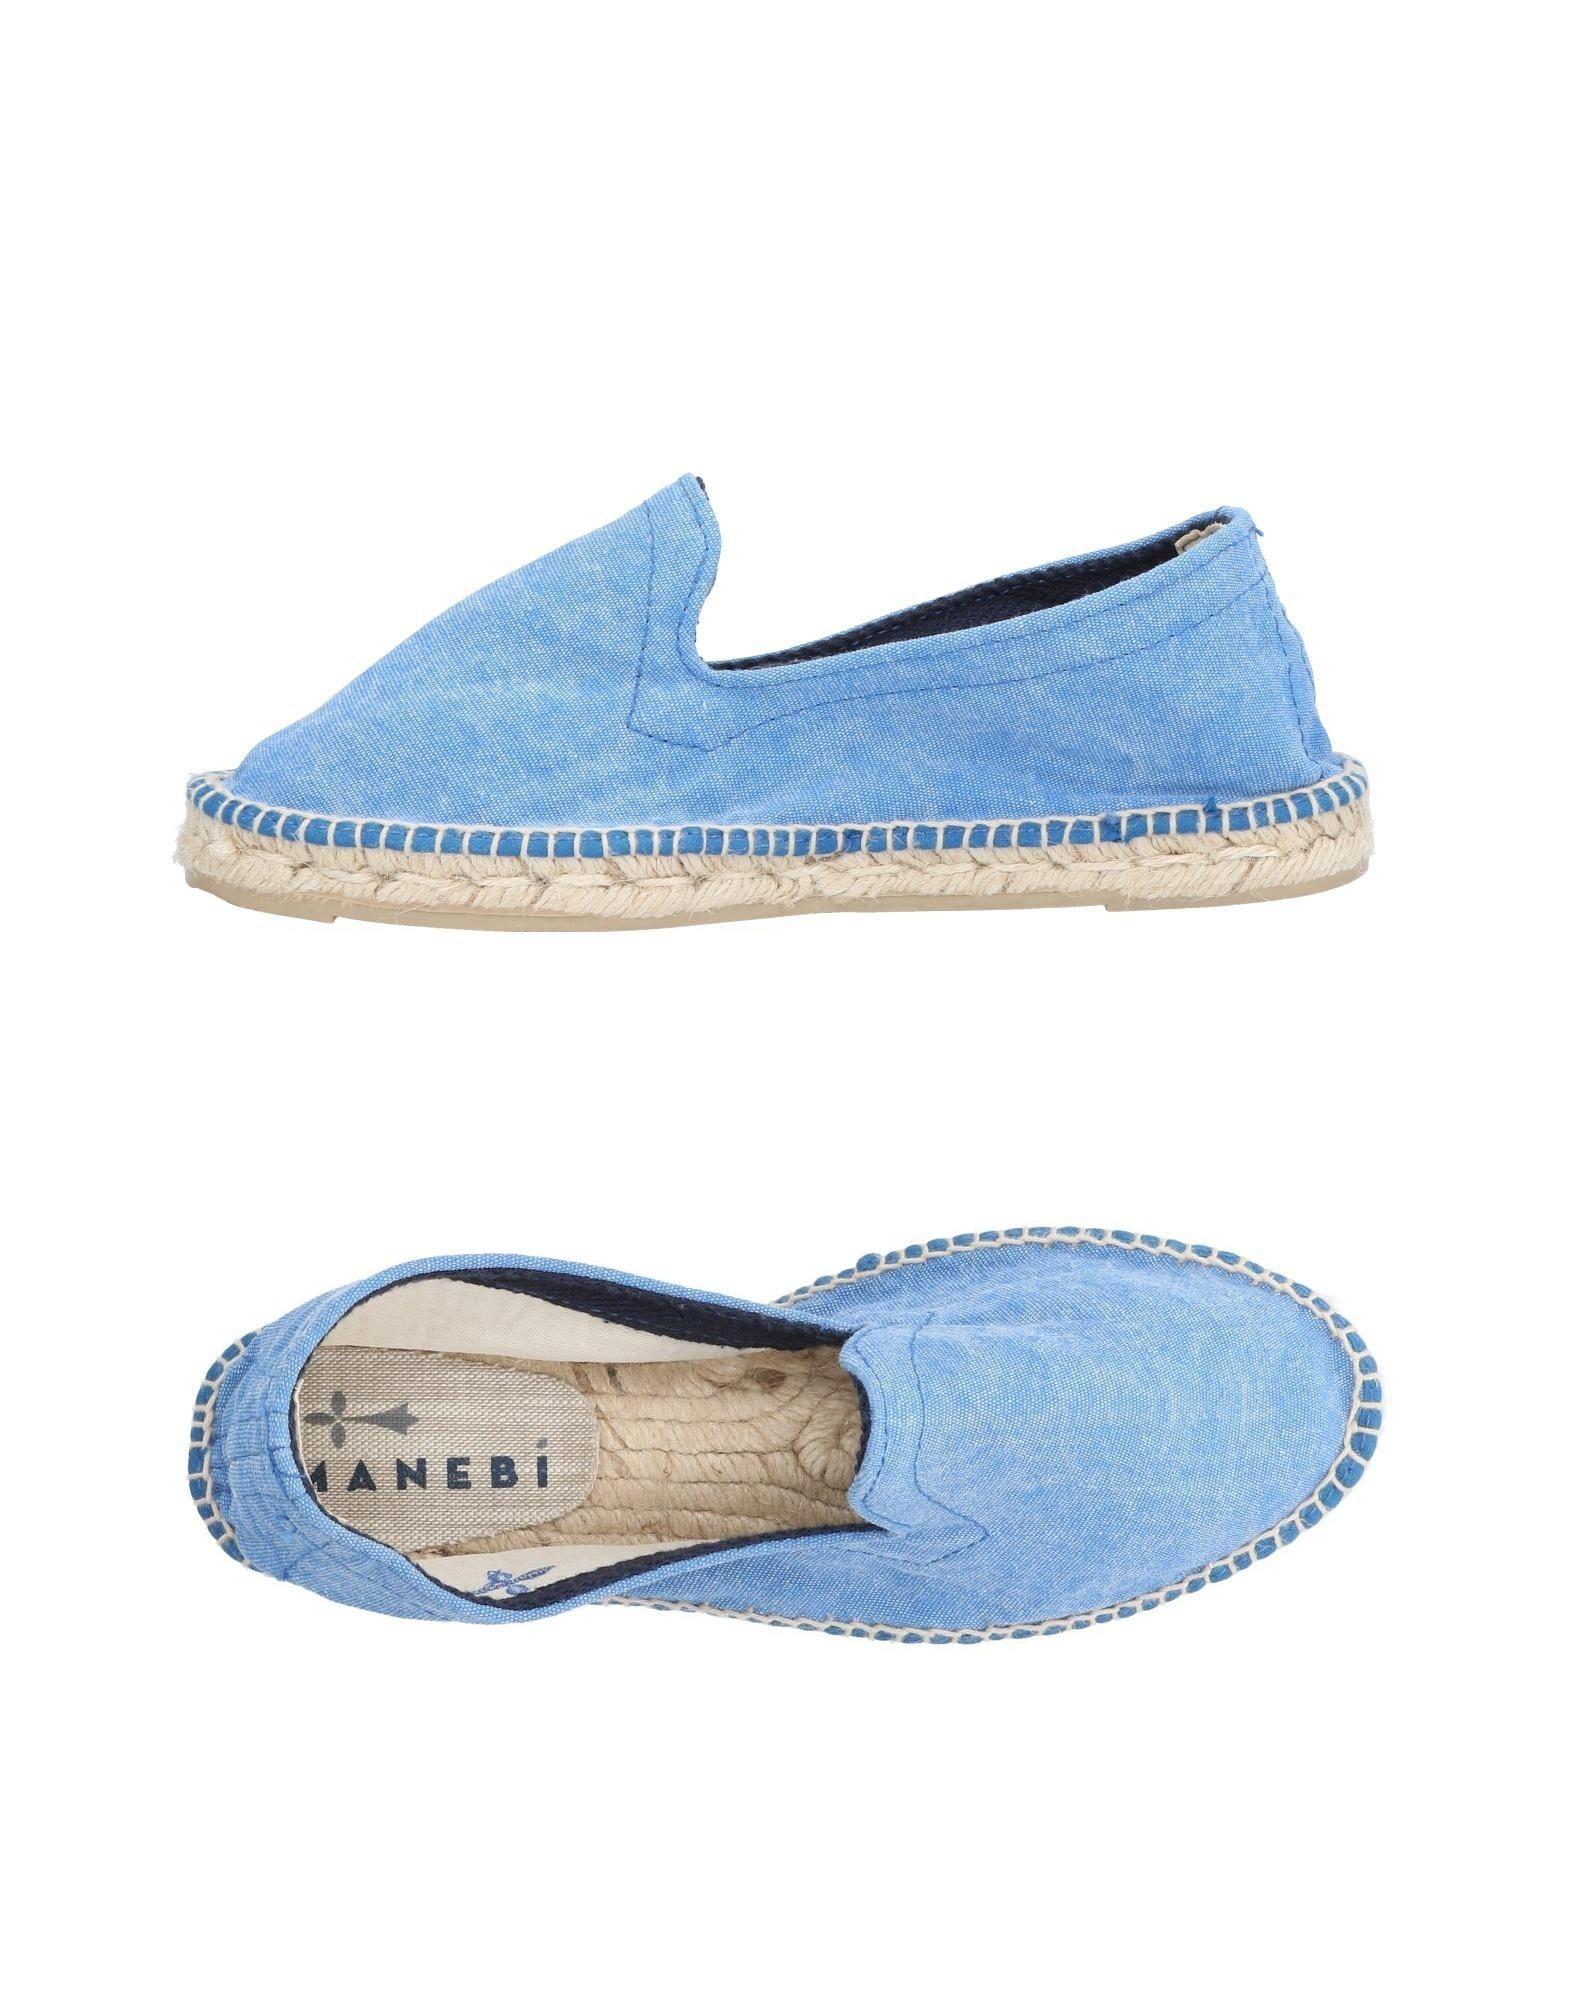 Manebí Espadrilles Damen  11438769HT Gute Qualität beliebte Schuhe